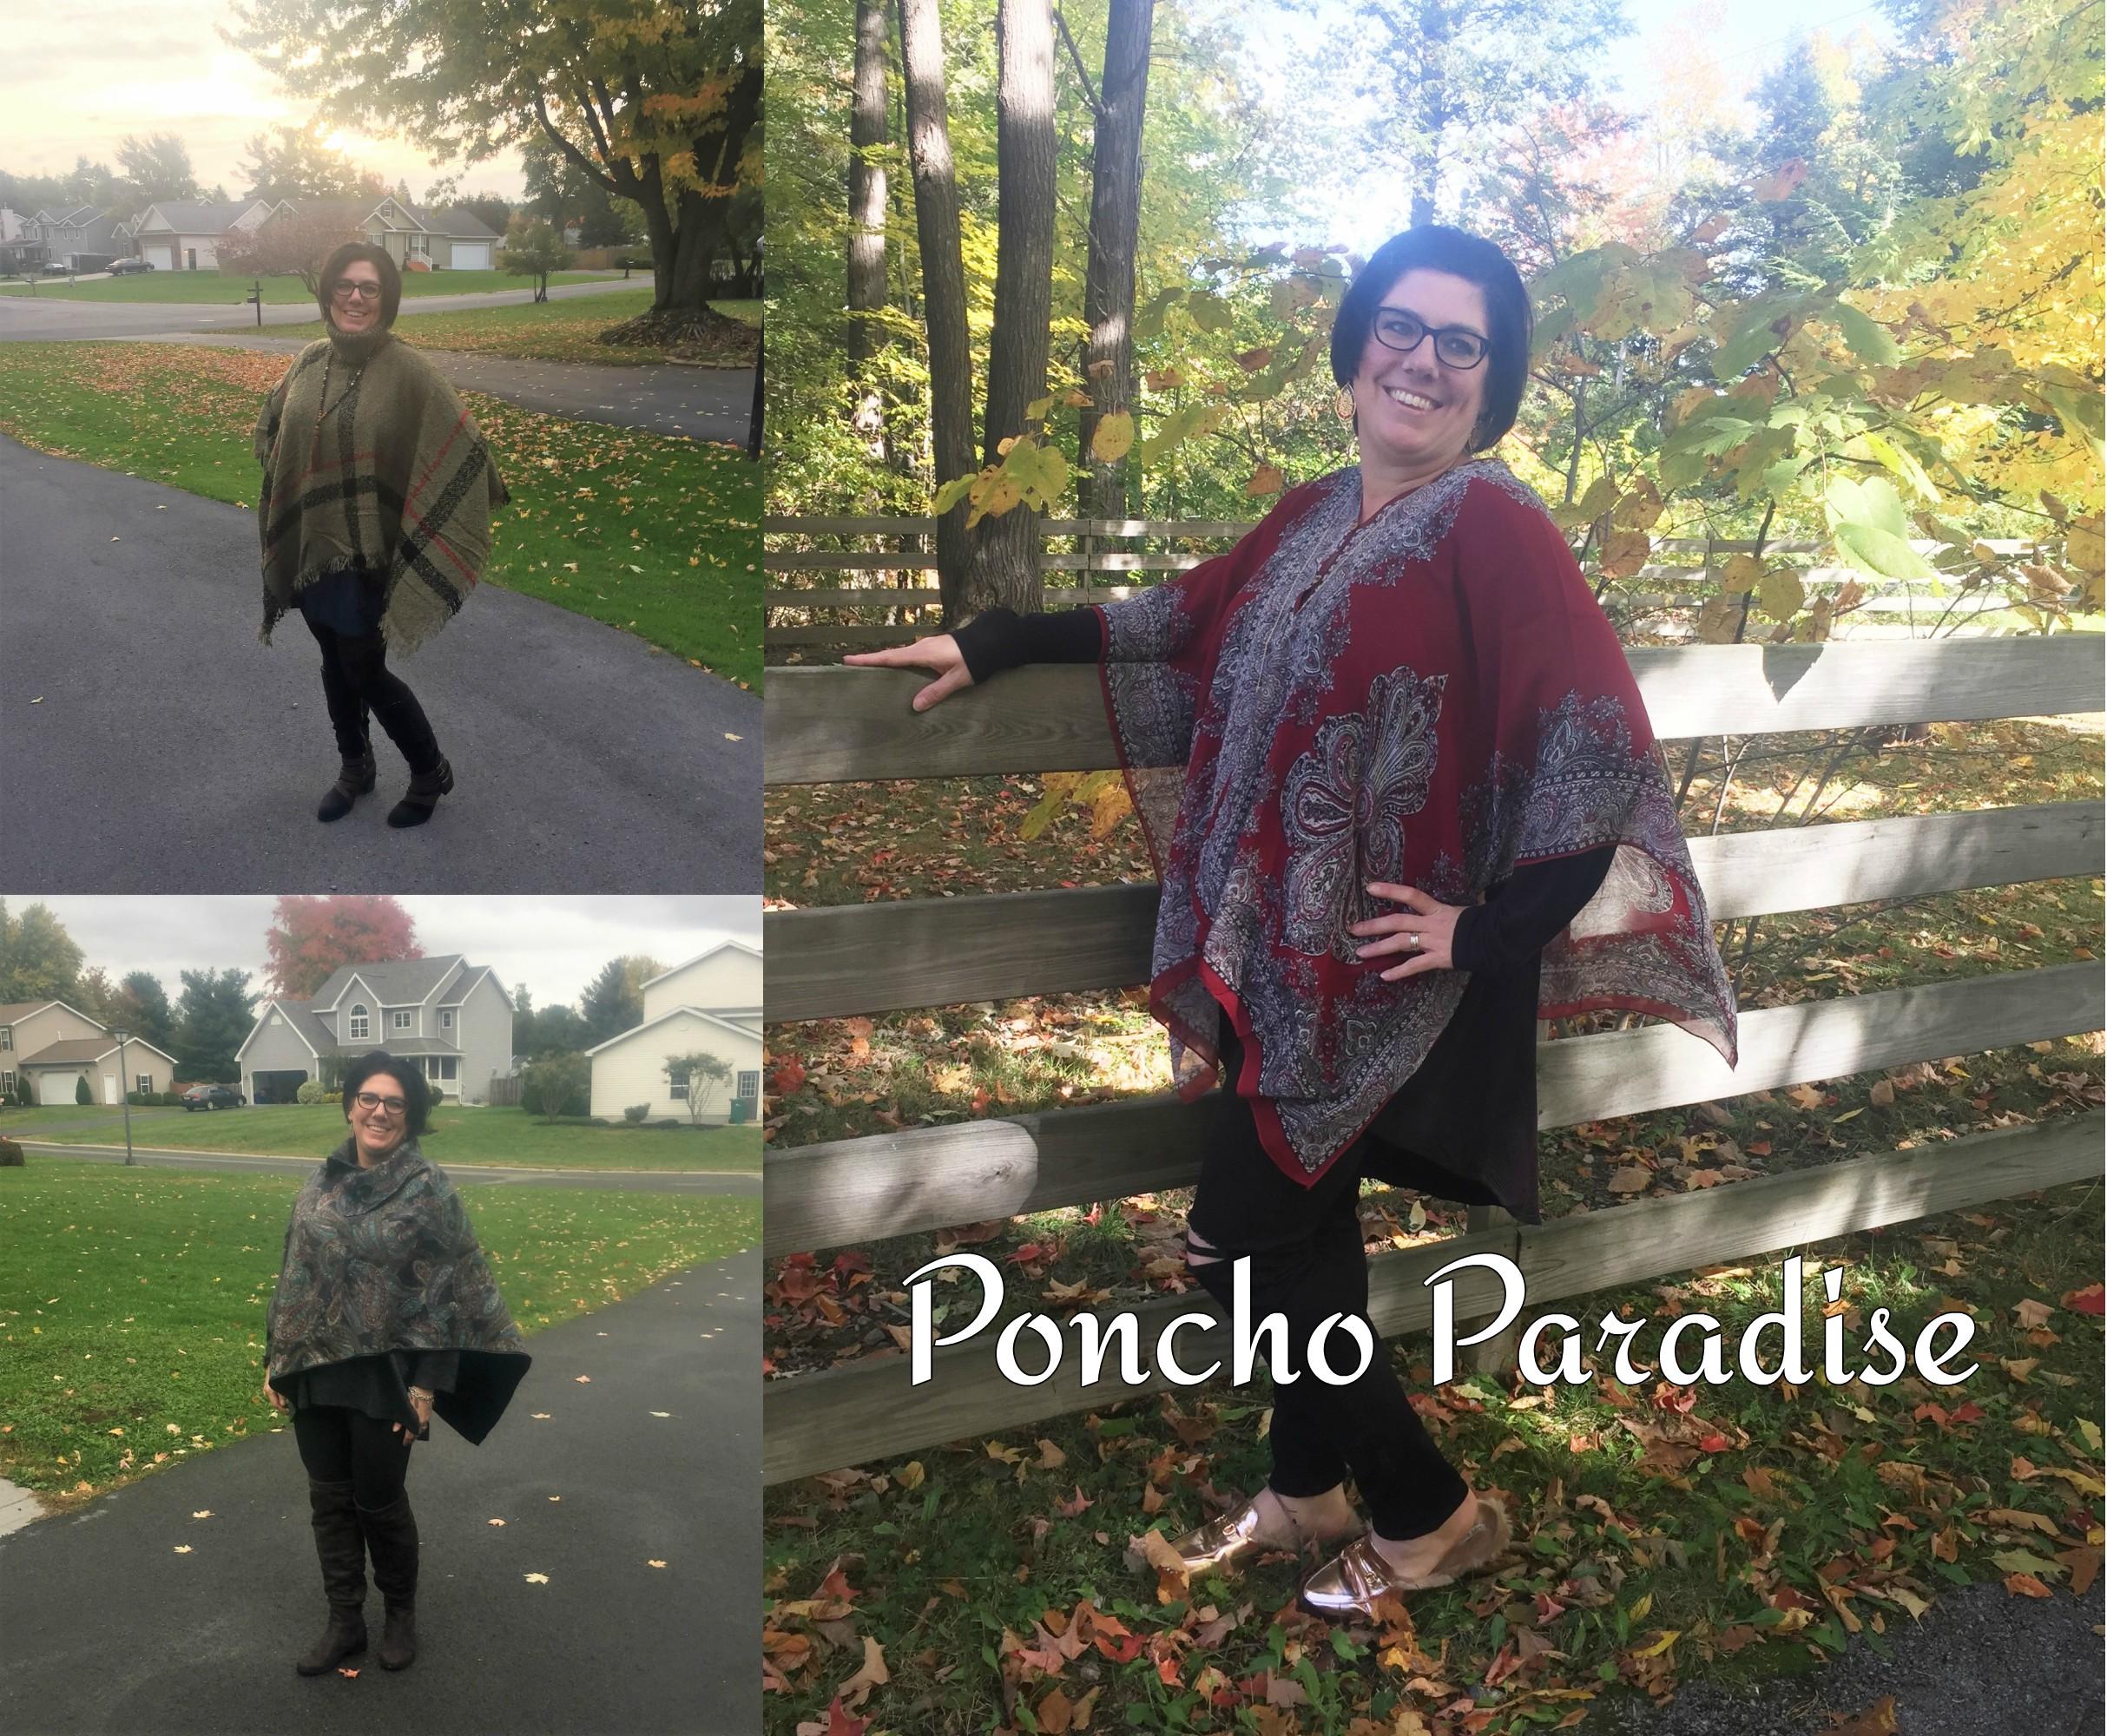 Poncho Paradise